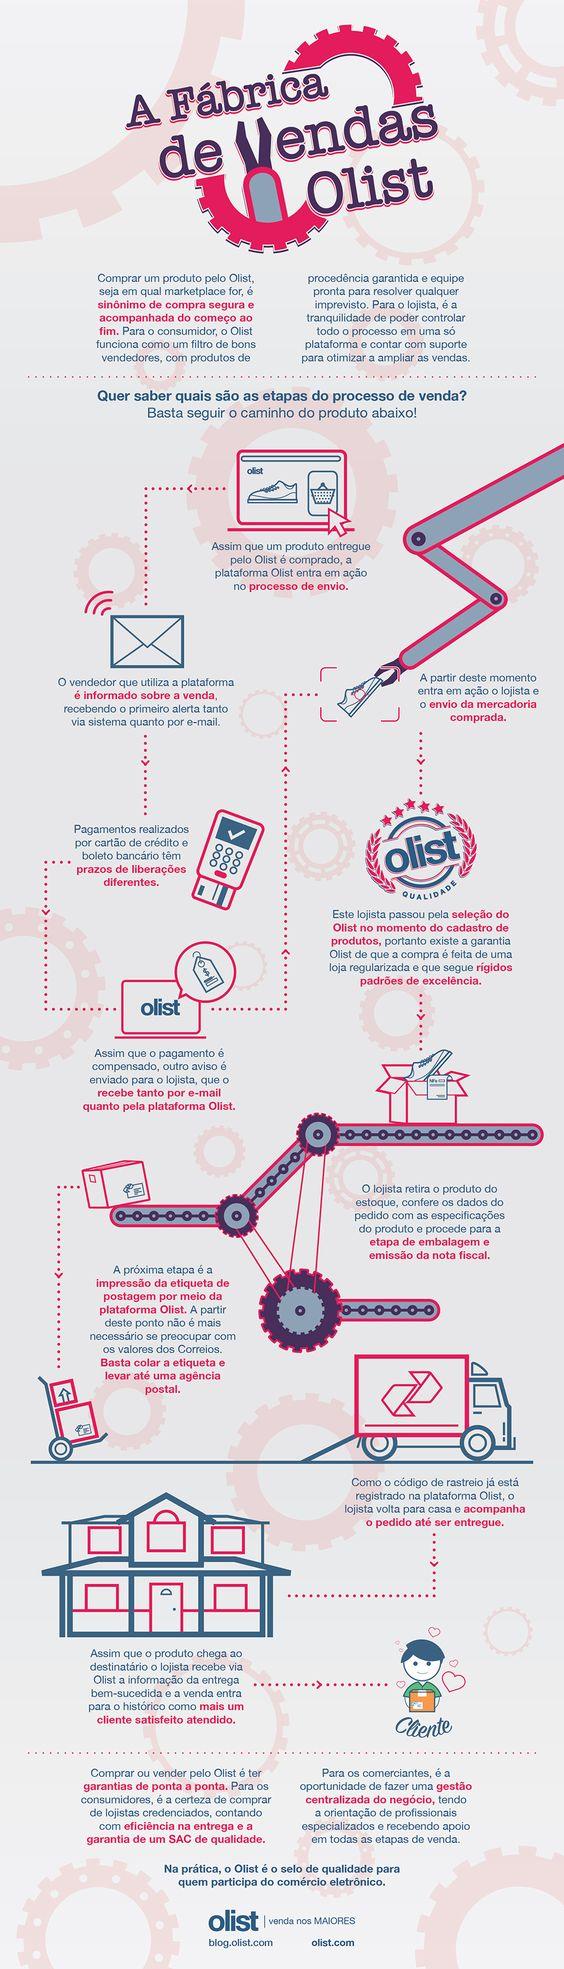 Infográfico A Fábrica de Vendas do Olist